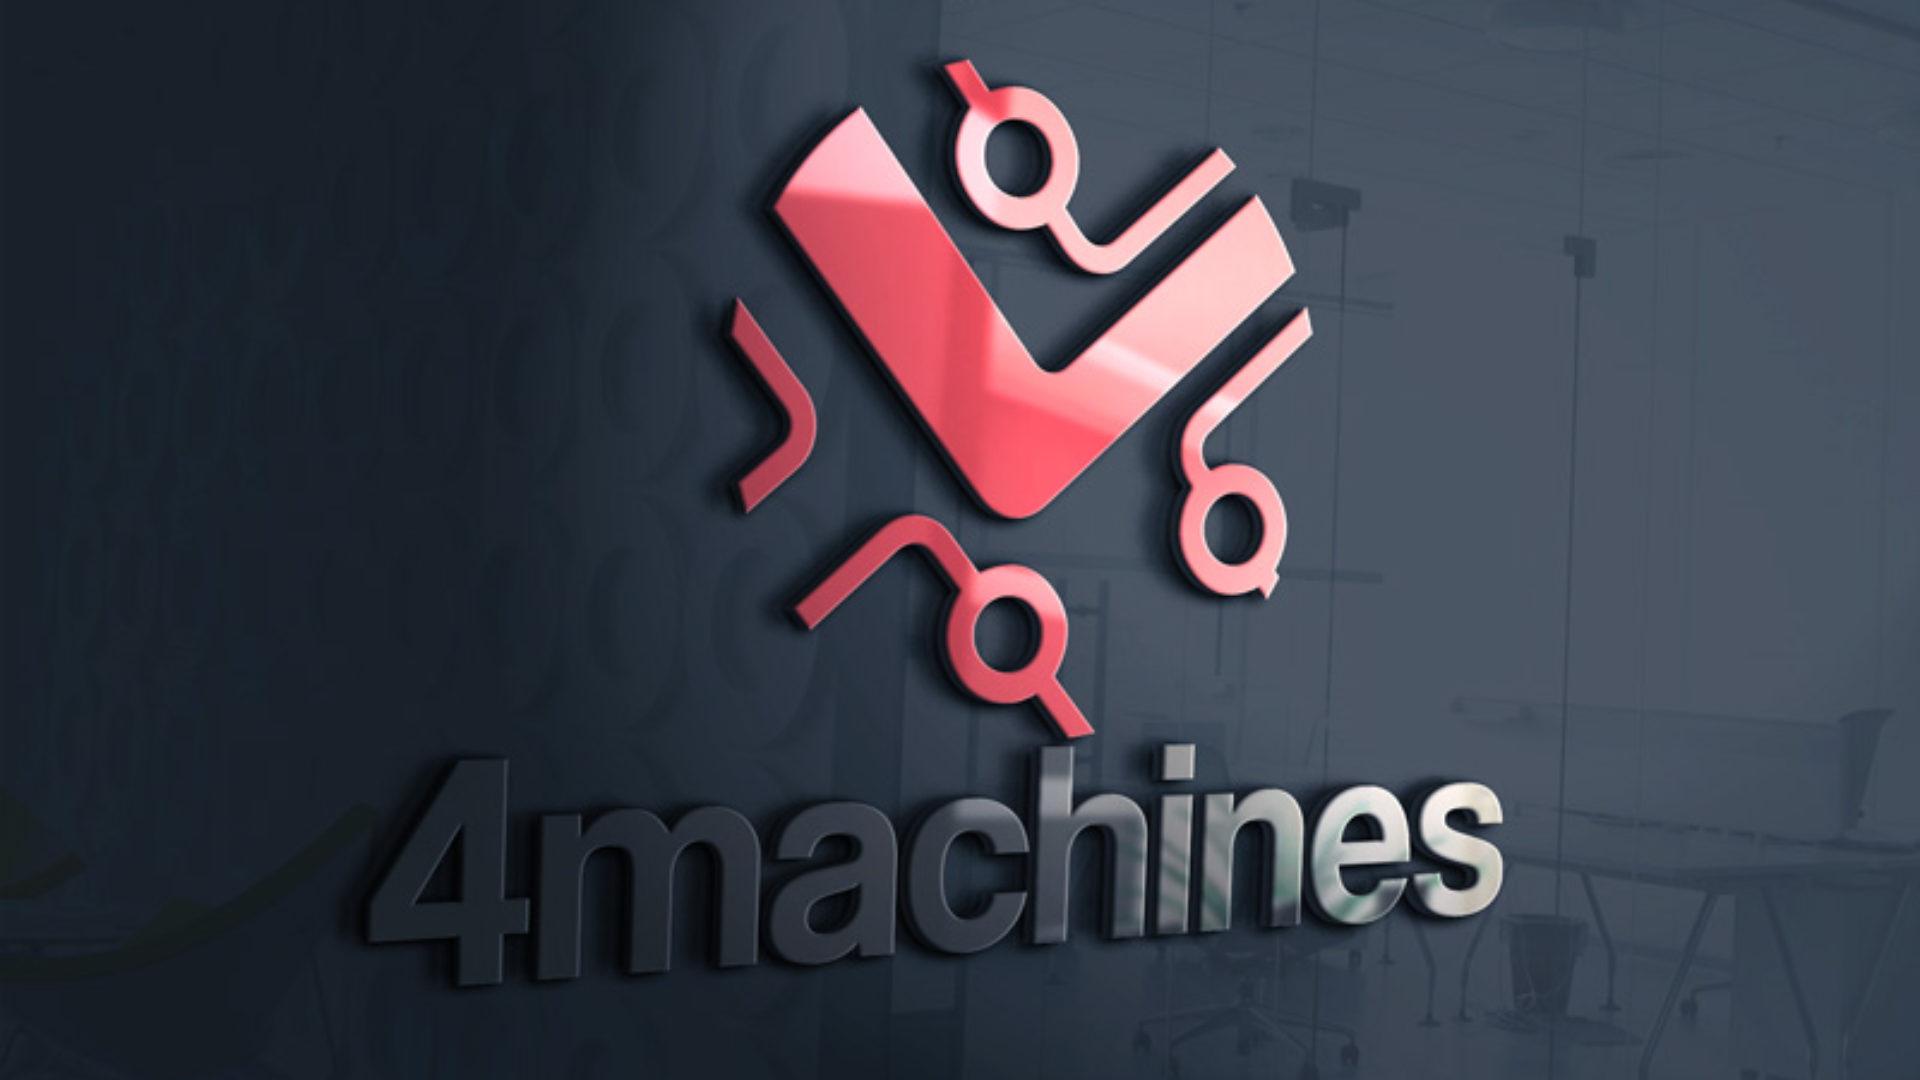 4machines